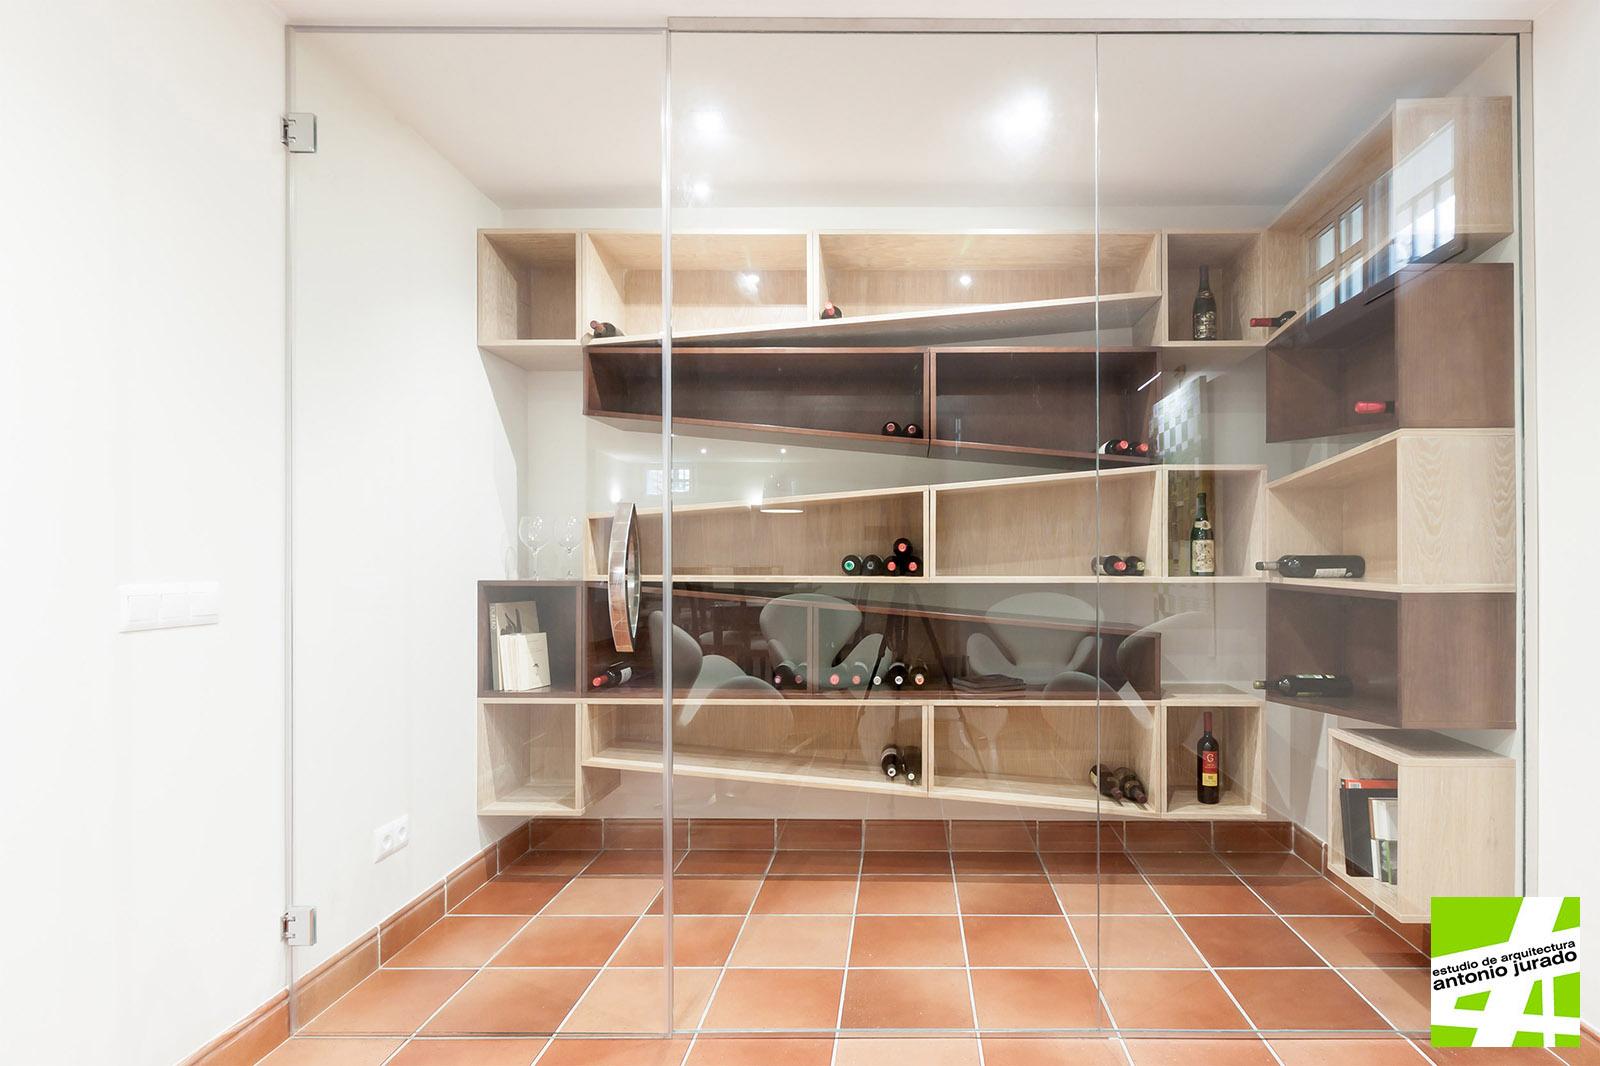 diseño-mobiliario-bodega-interiorismo-vivienda-torrox-park-malaga-antonio-jurado-arquitecto-02